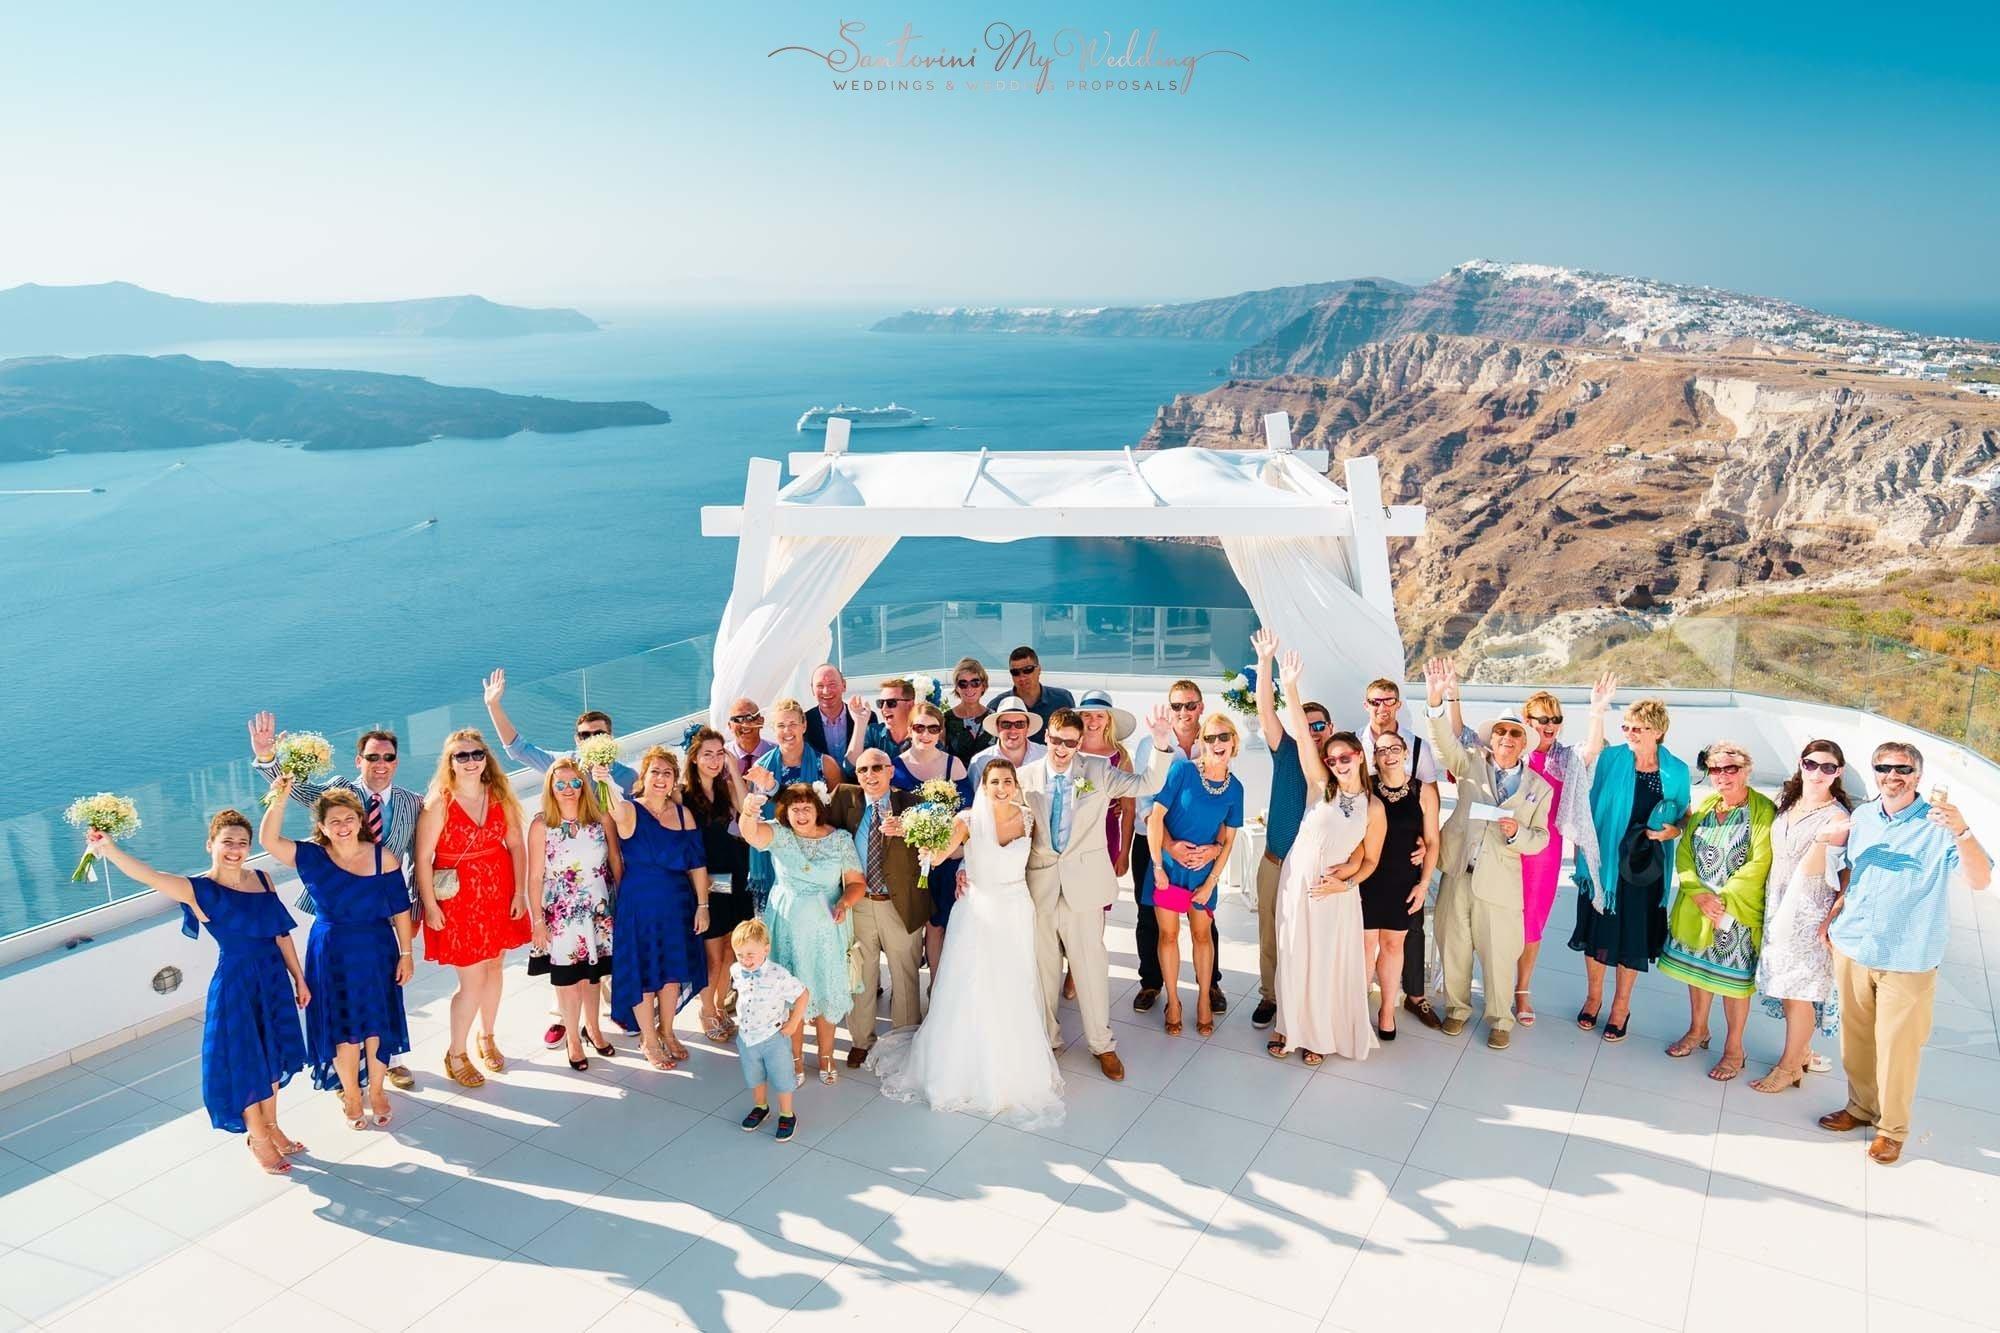 Wedding Venues | Santorinimywedding